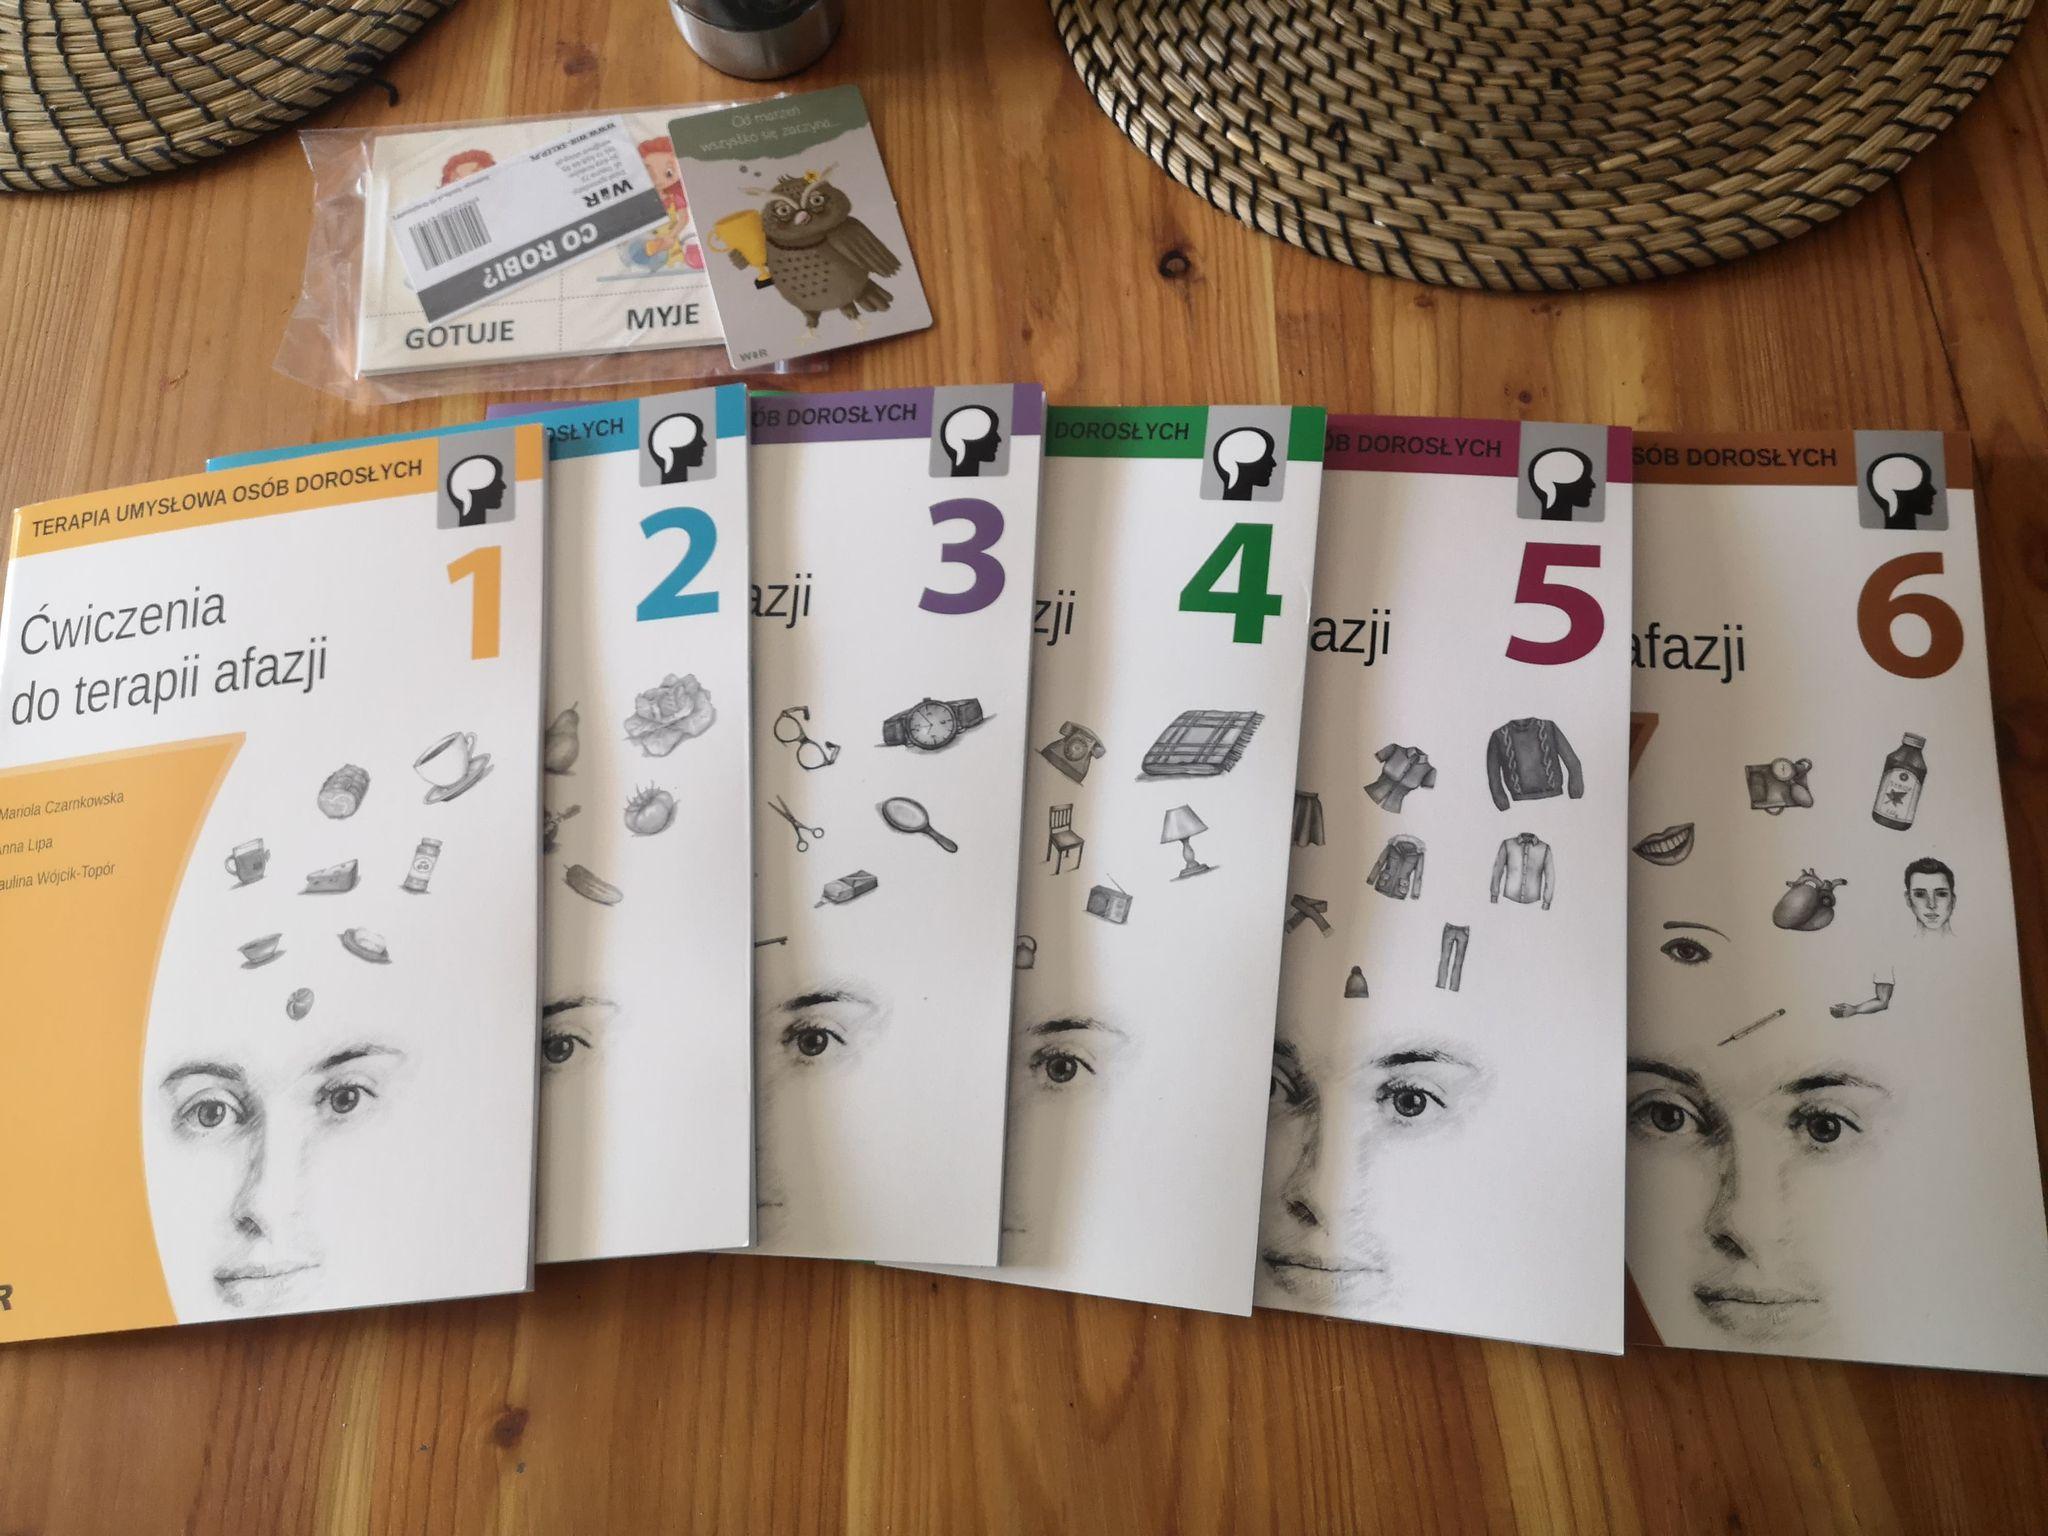 Materiały - zeszyty do zajęć z terapii afazji